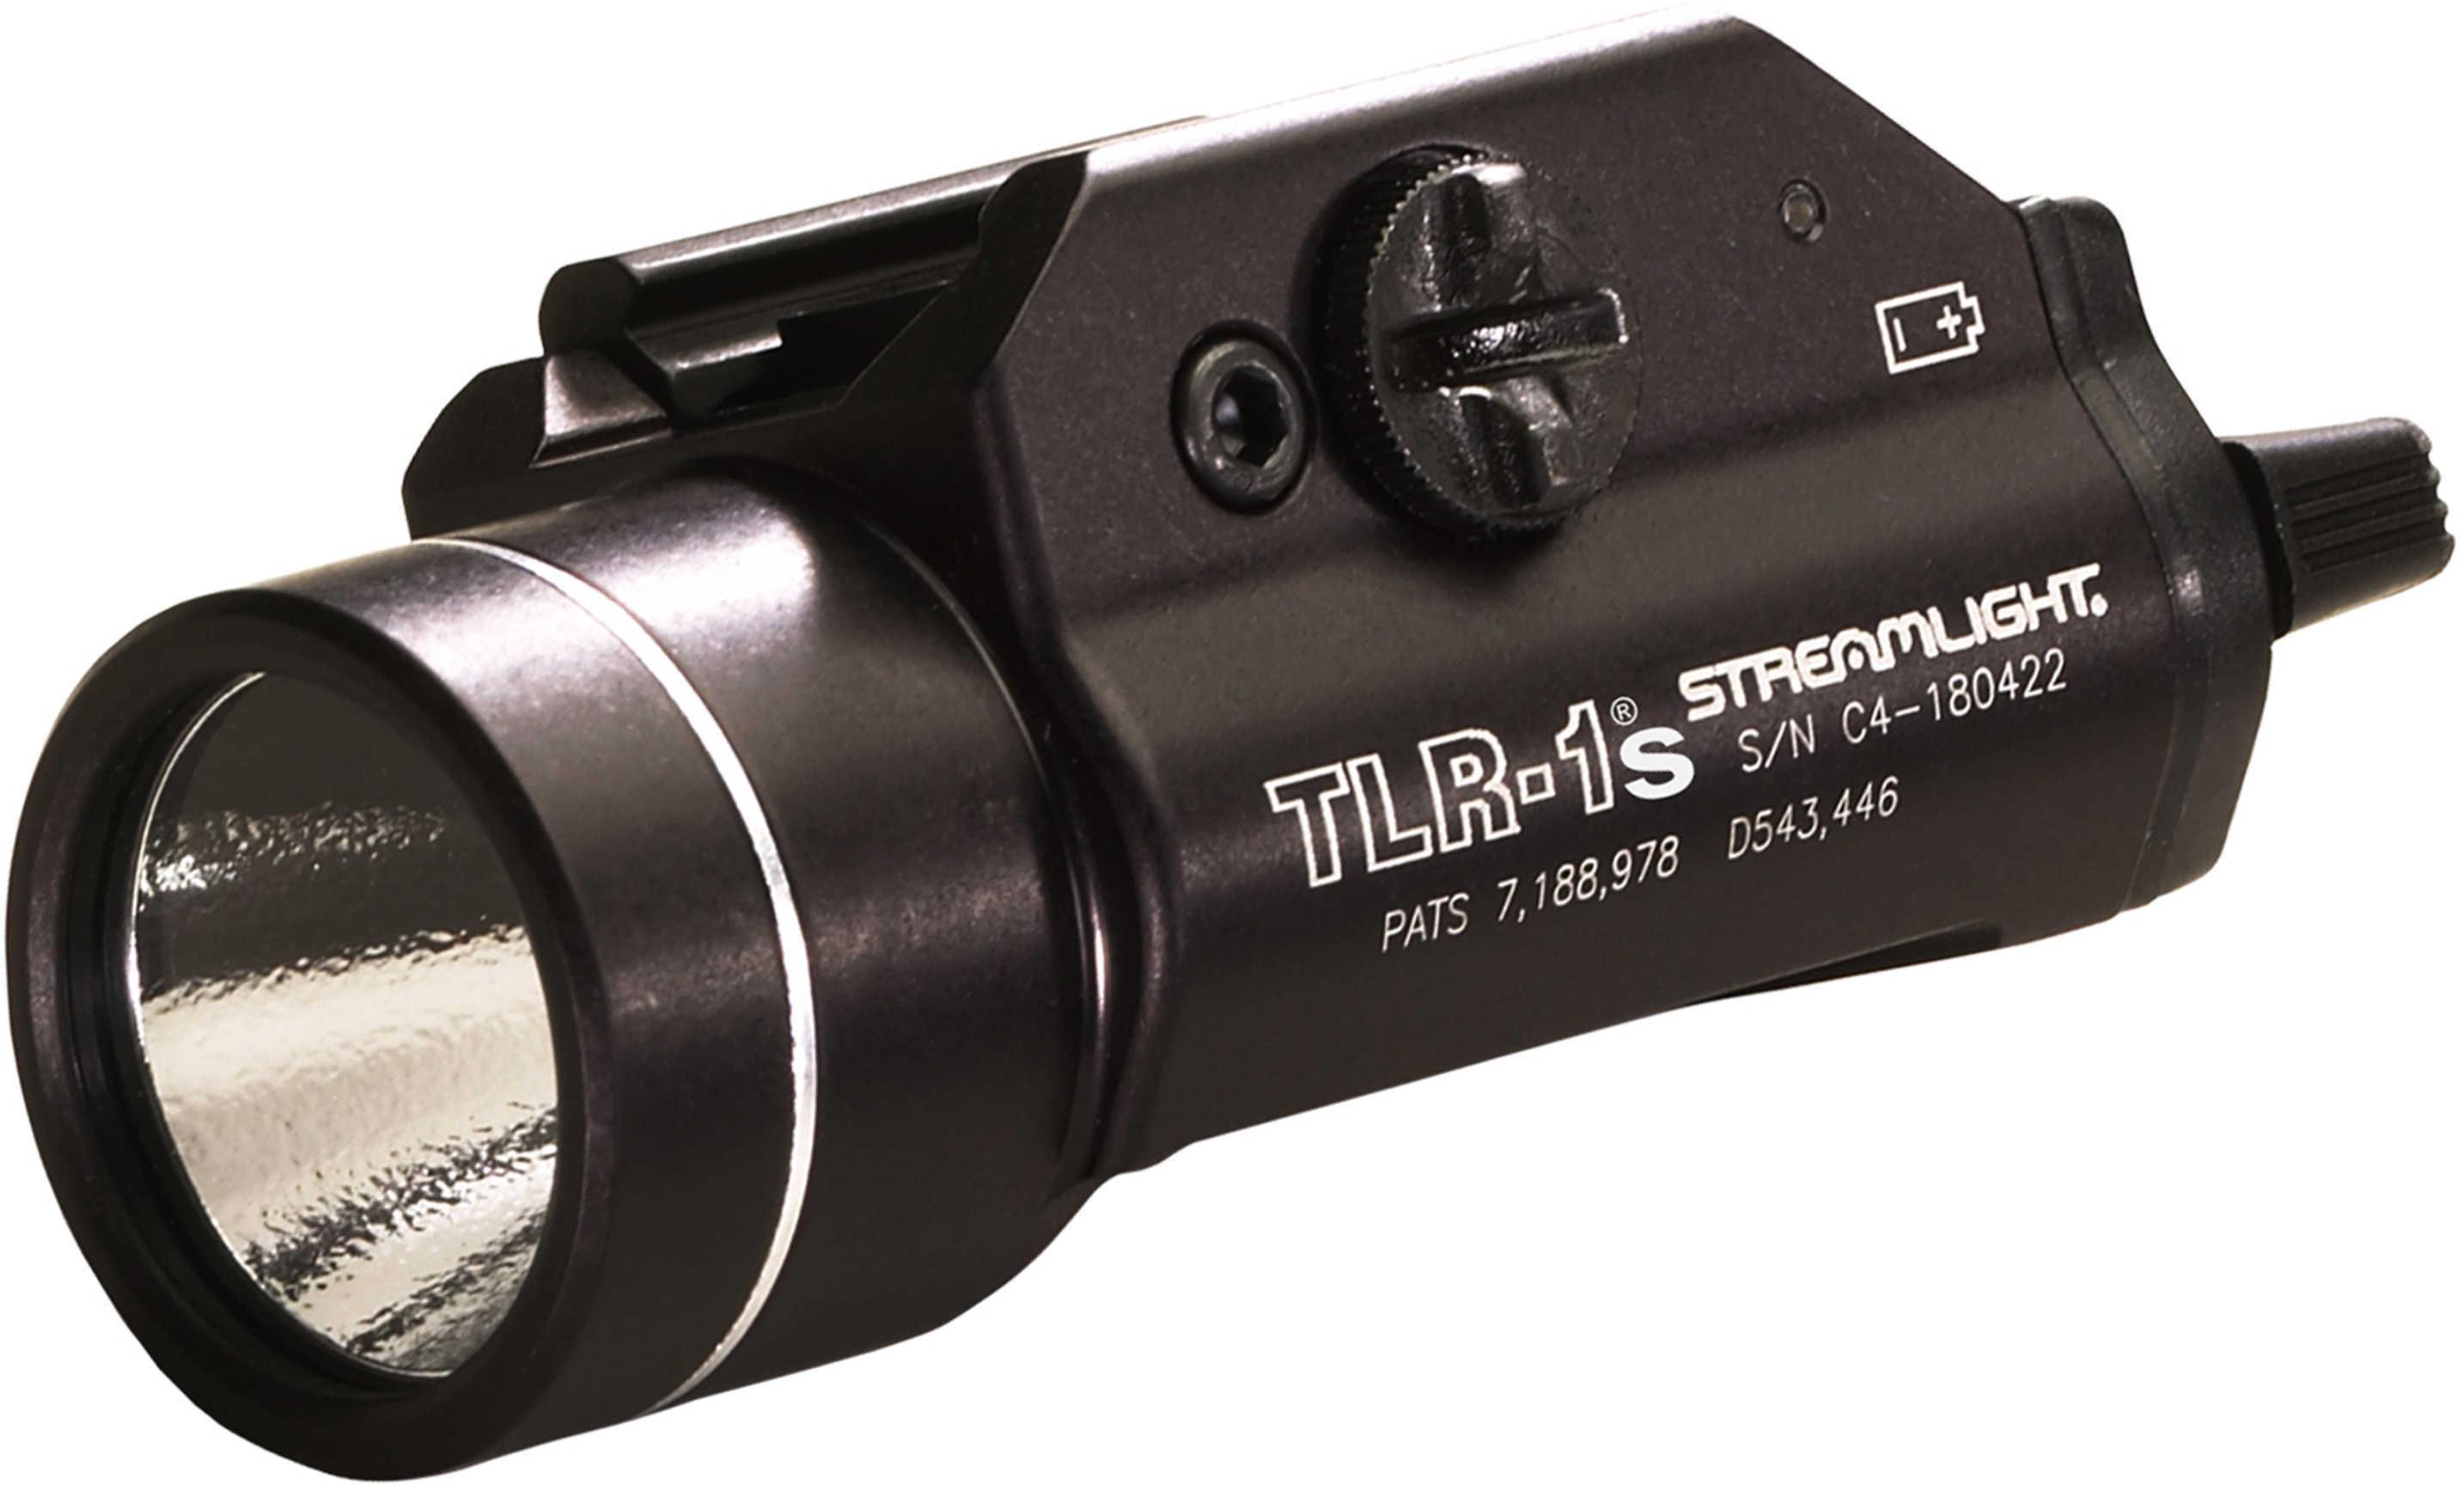 Streamlight TLR-1S Strobe Light